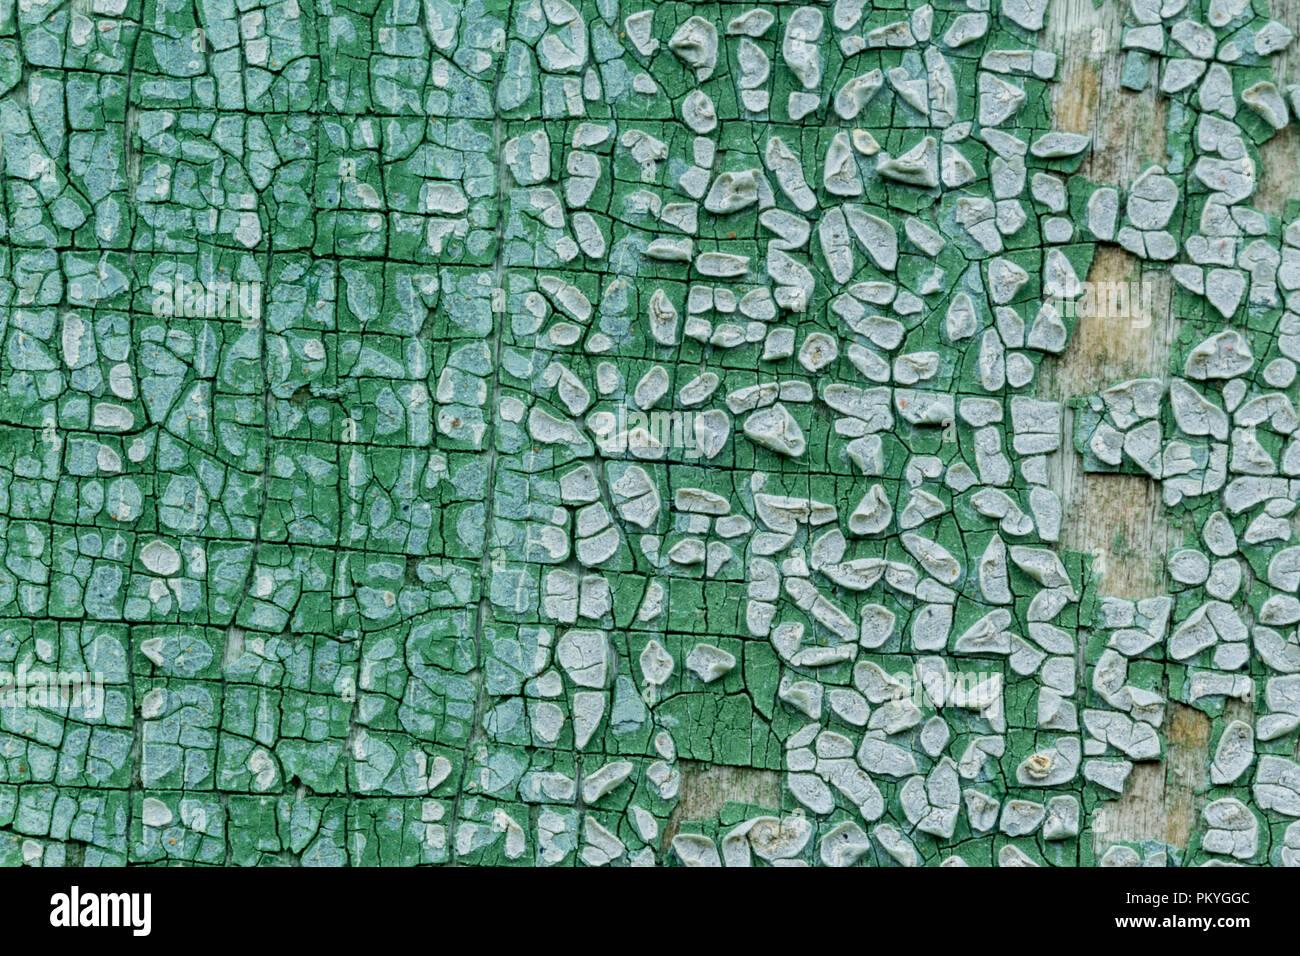 Macro Fotografía. La textura de una vieja pintura azul. Varias capas. La pared de madera de la casa fue lavada por la lluvia. Un buen fondo para diferentes sitios. Foto de stock